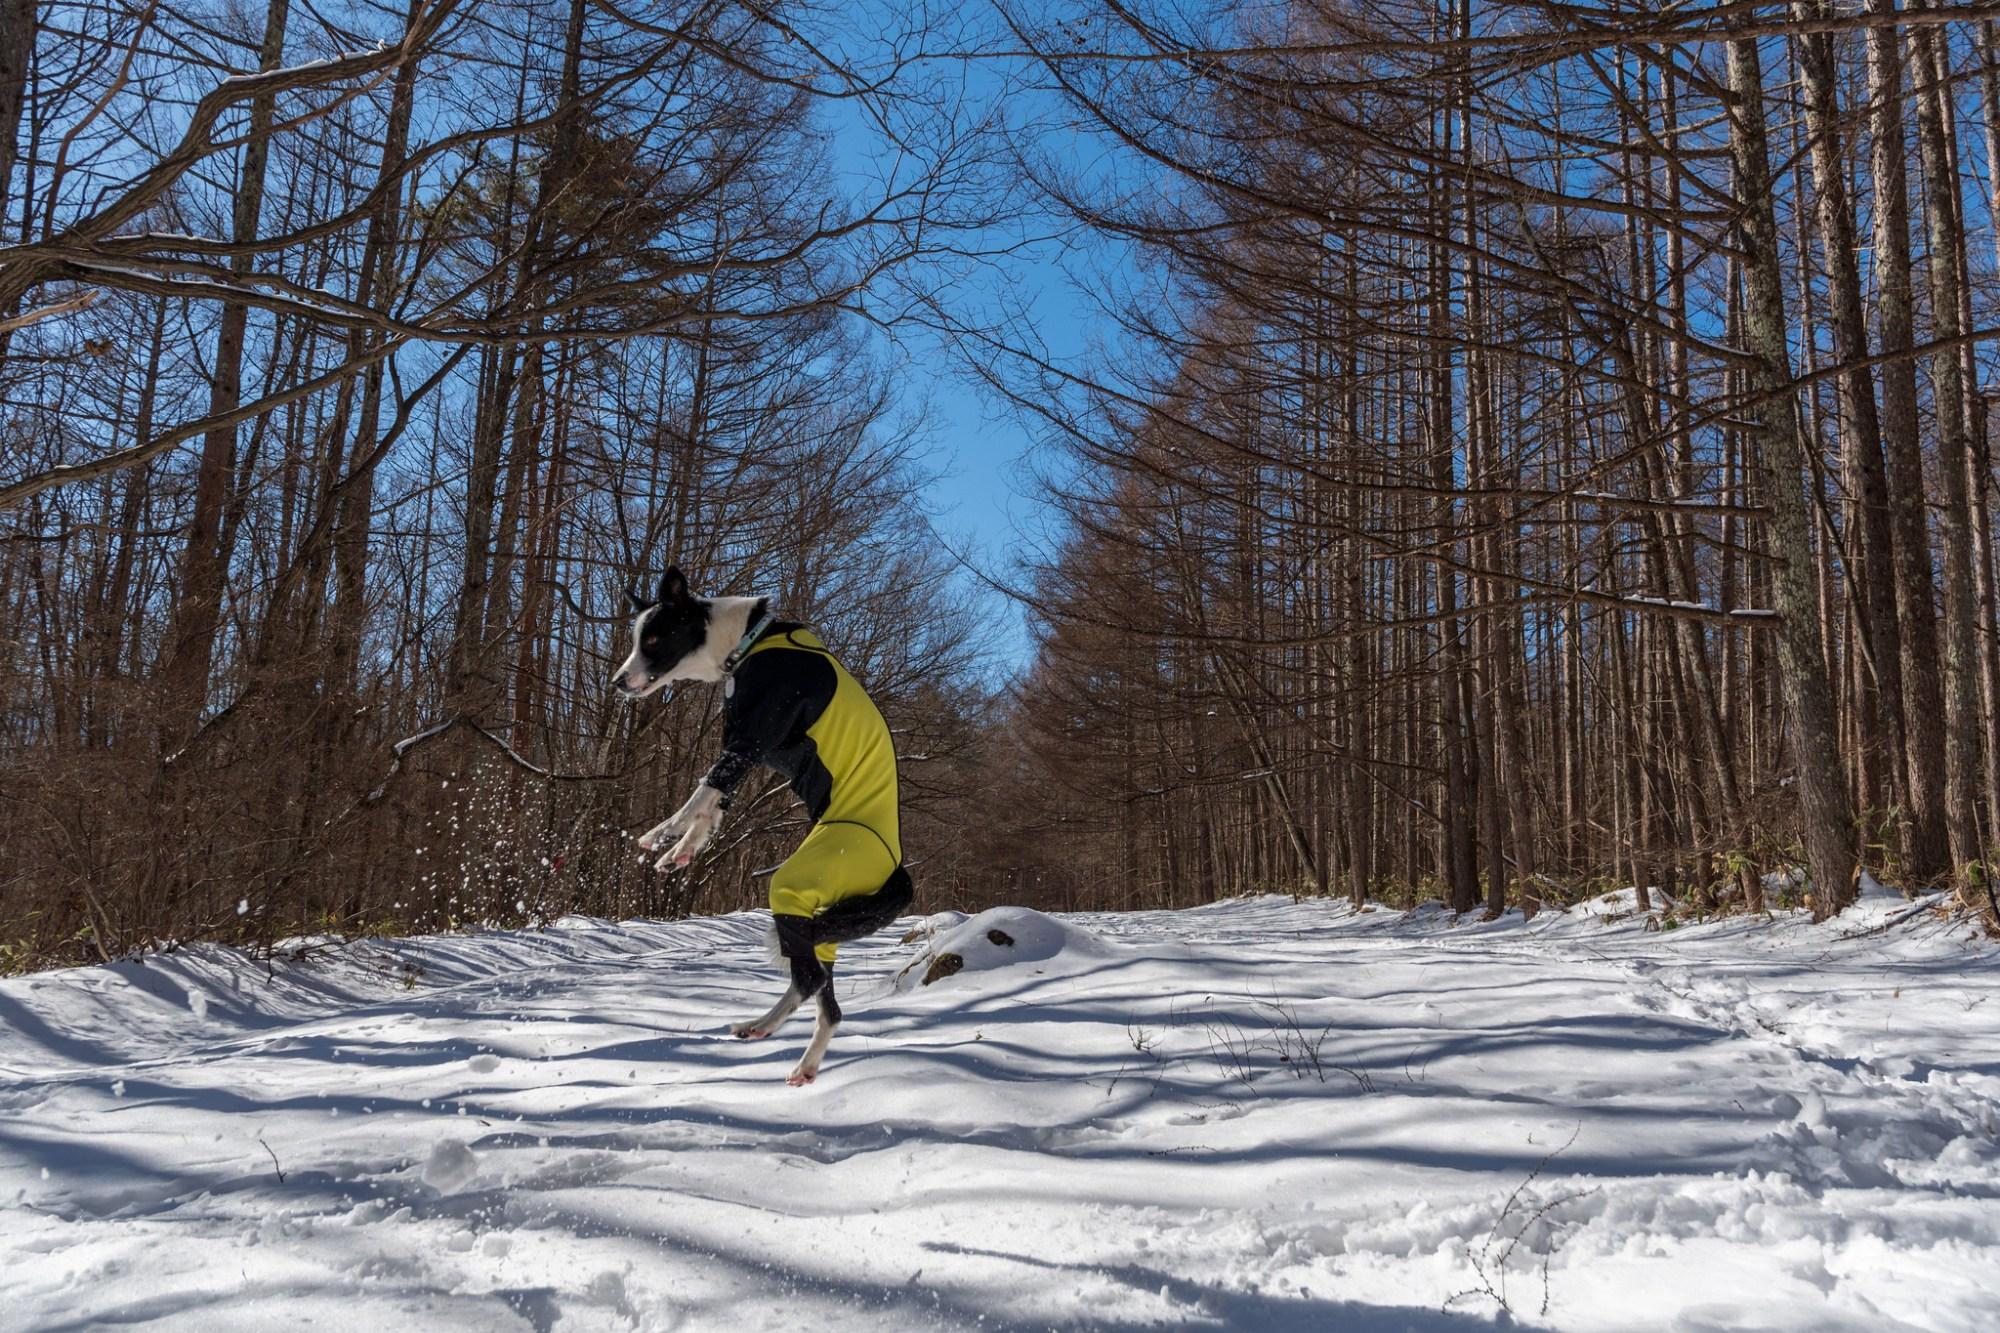 今季初雪遊び 2019/2/1-3のまとめ